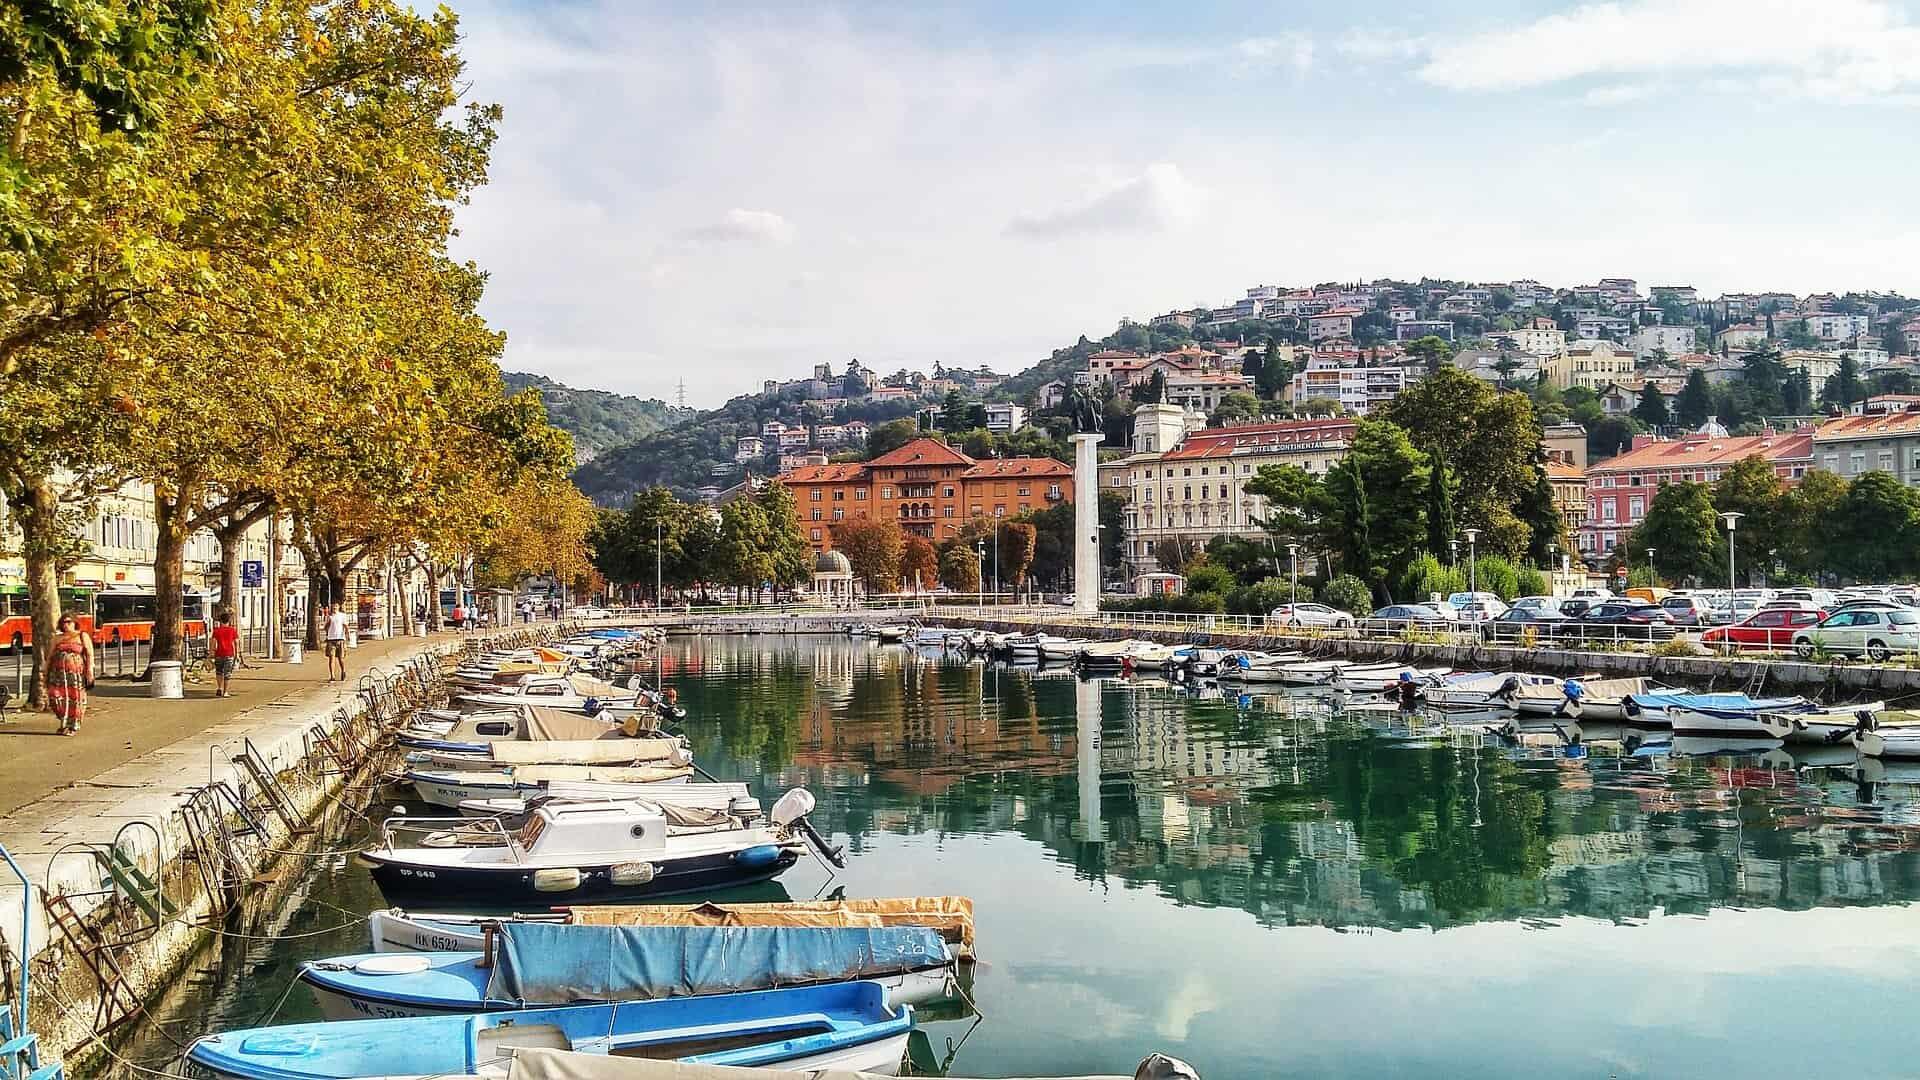 Vakantie naar Rijeka en Kroatie